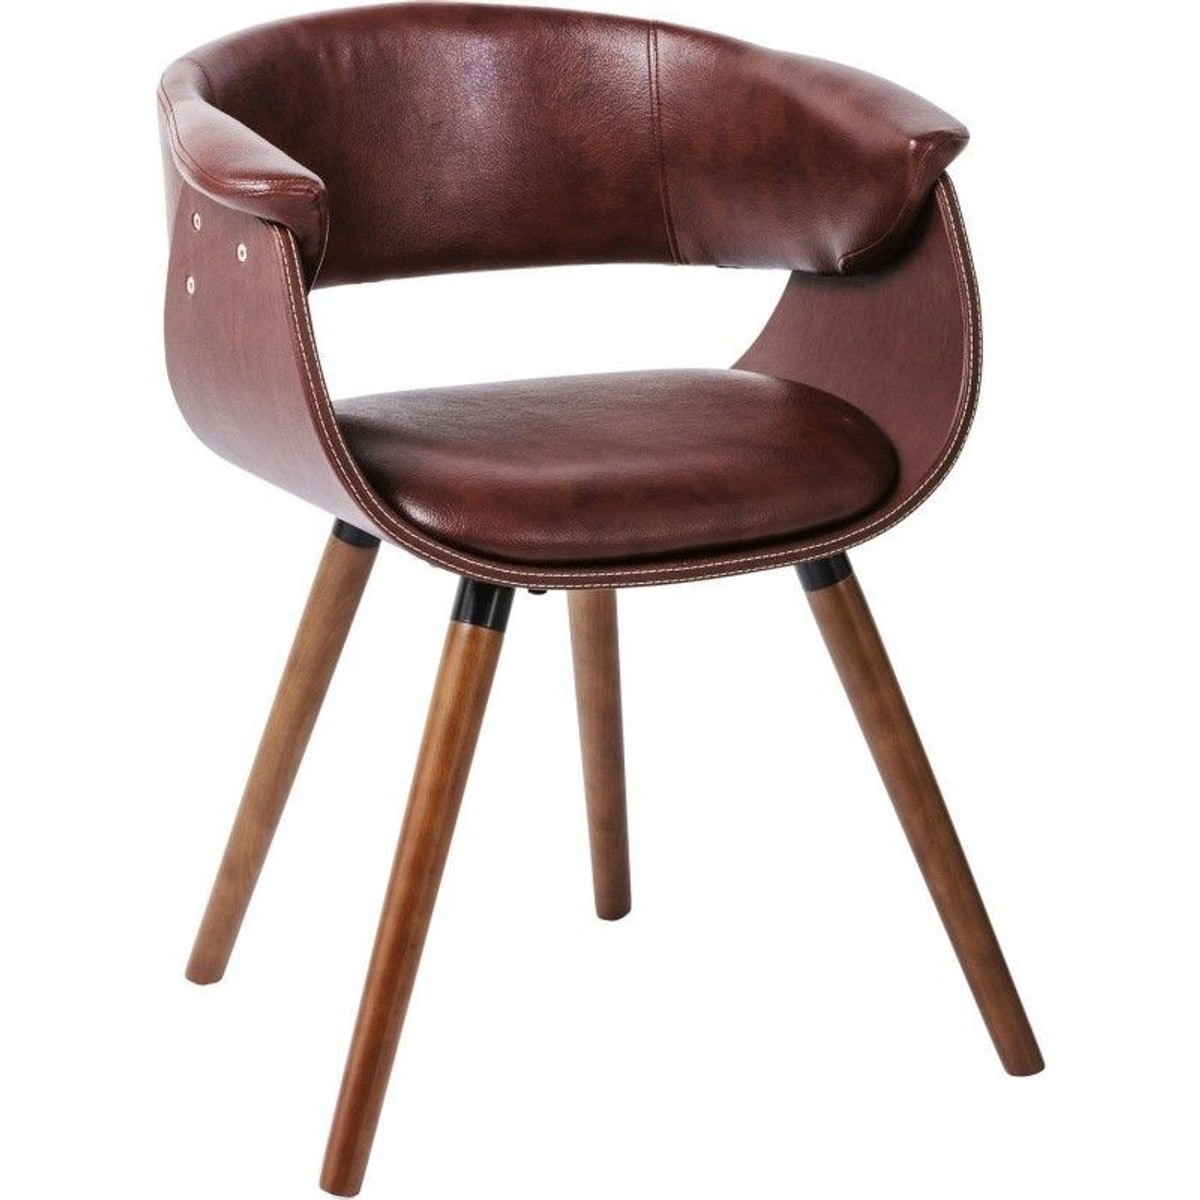 Chaise Avec Accoudoirs Monaco Nougat Kare Design Taille Taille Unique Fauteuil Design Chaise Accoudoir Chaise